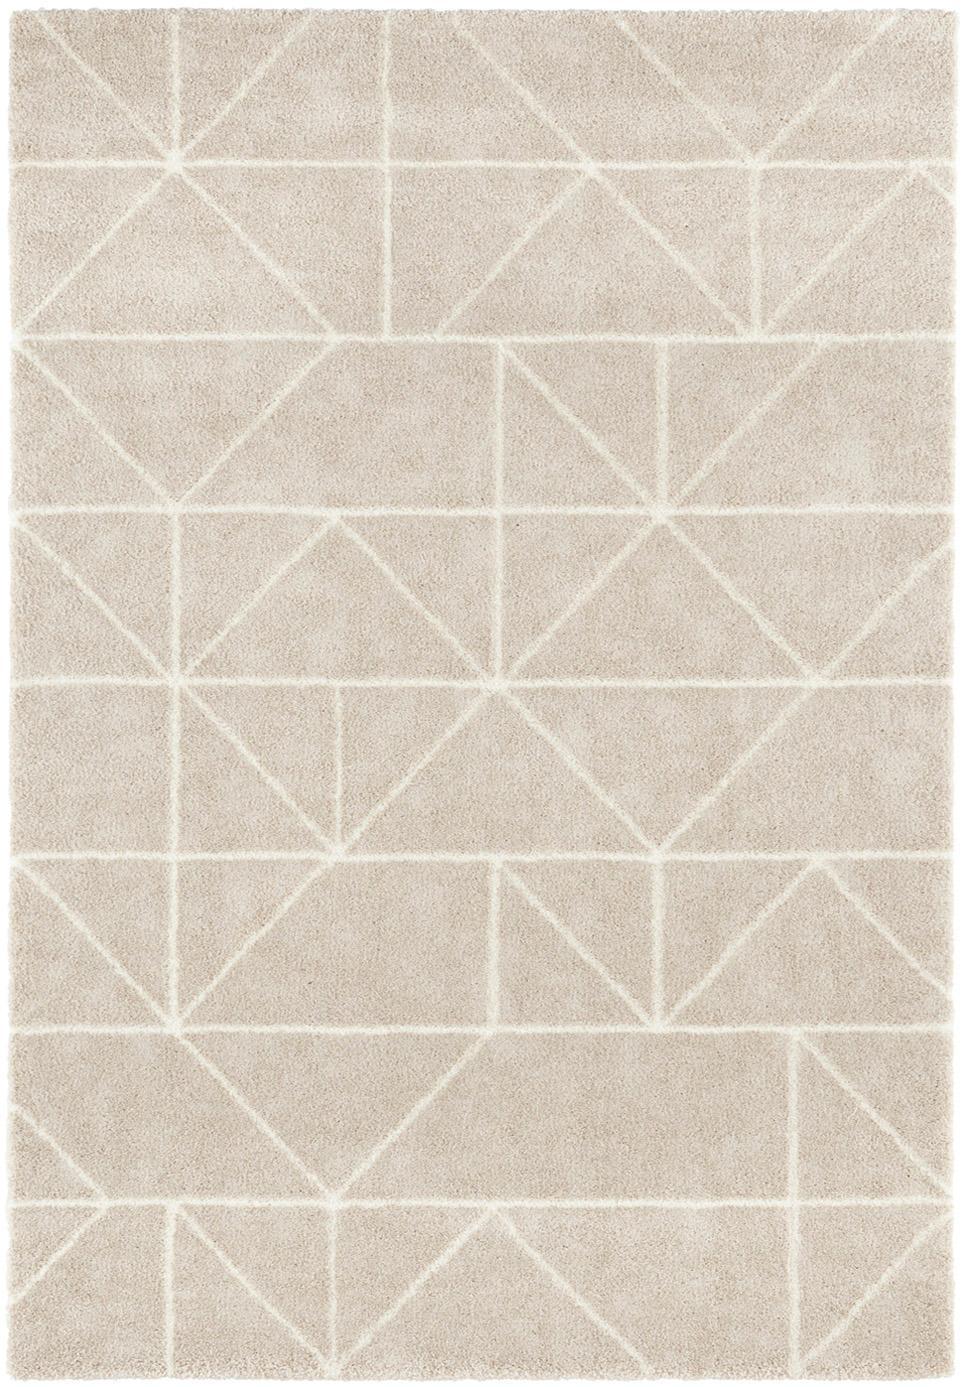 Teppich Arles in Beige-Creme, mit grafischem Muster, Flor: 85% Polypropylen, 15% Pol, Beige, Creme, B 160 x L 230 cm (Grösse M)